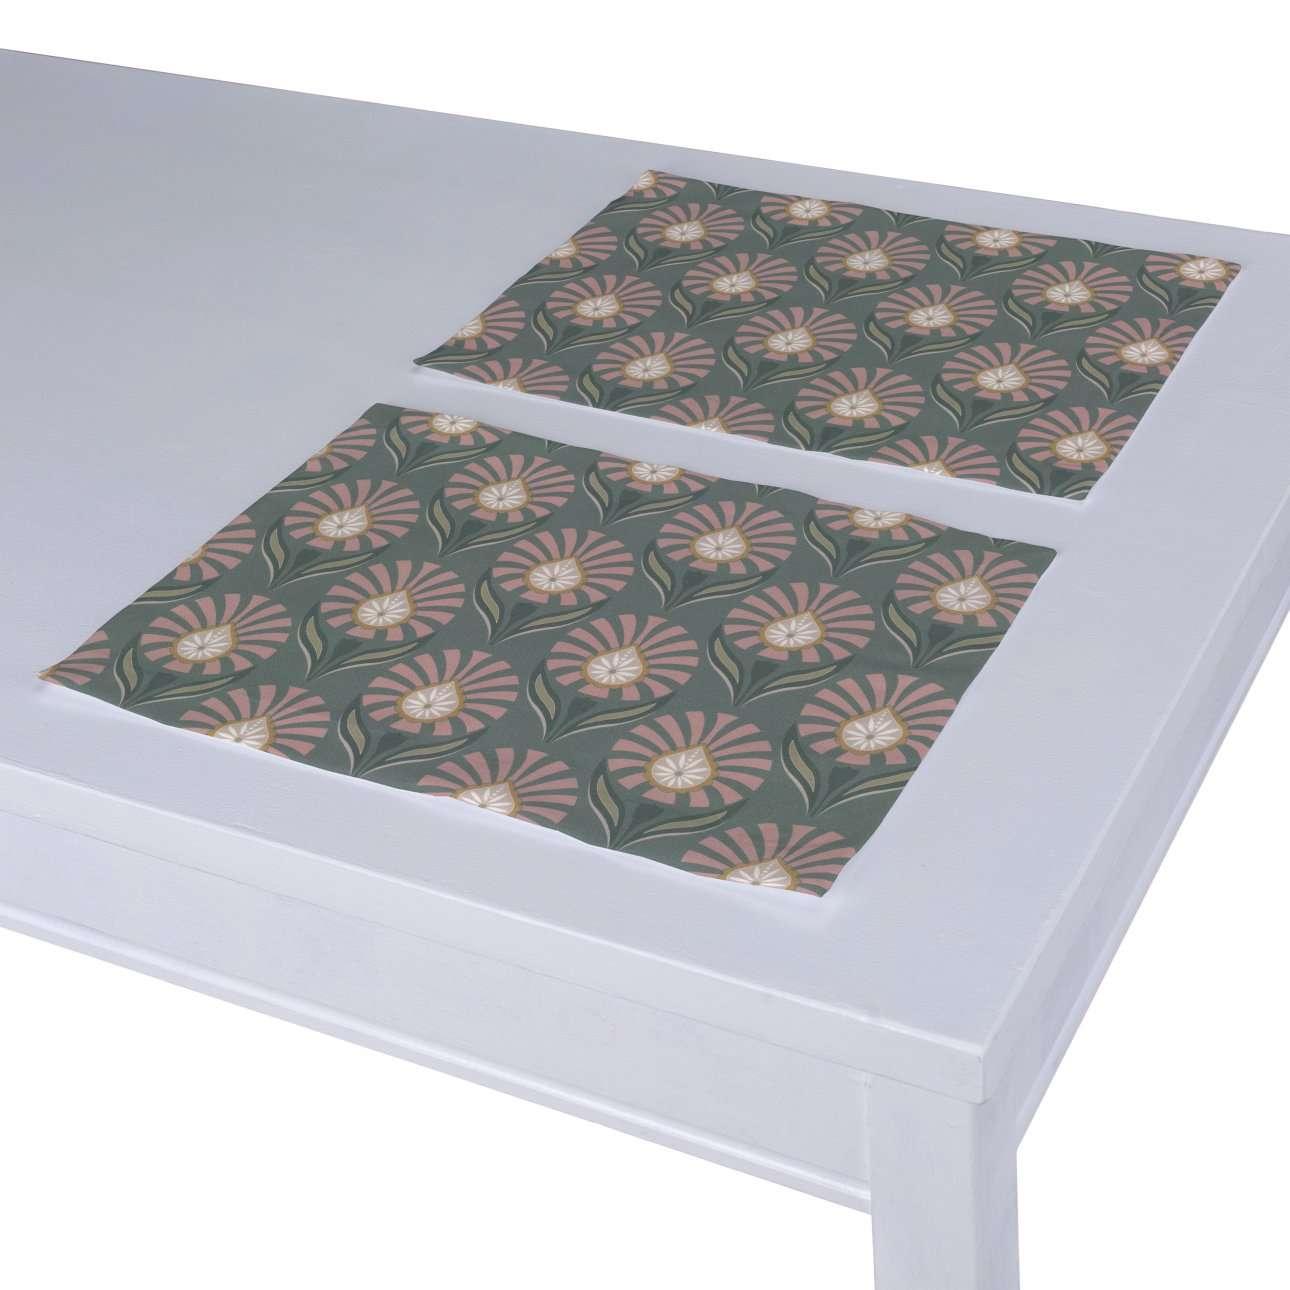 Dækkeservietter 2 stk. fra kollektionen Gardenia, Stof: 142-17